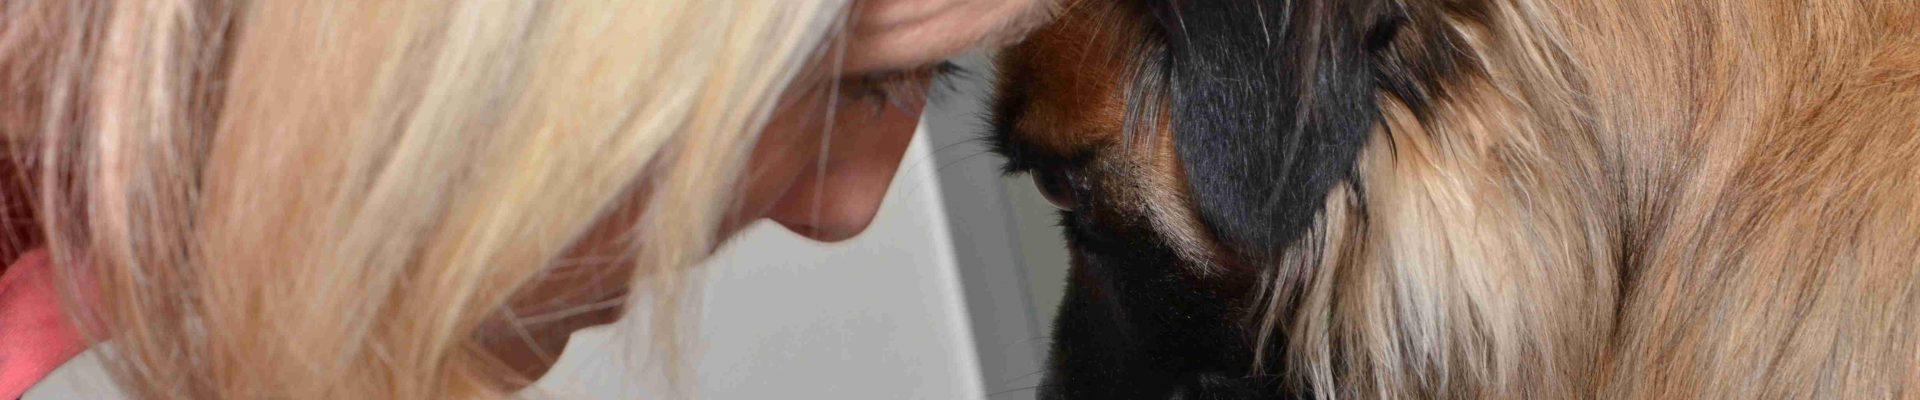 nadine und hund kopf an kopf